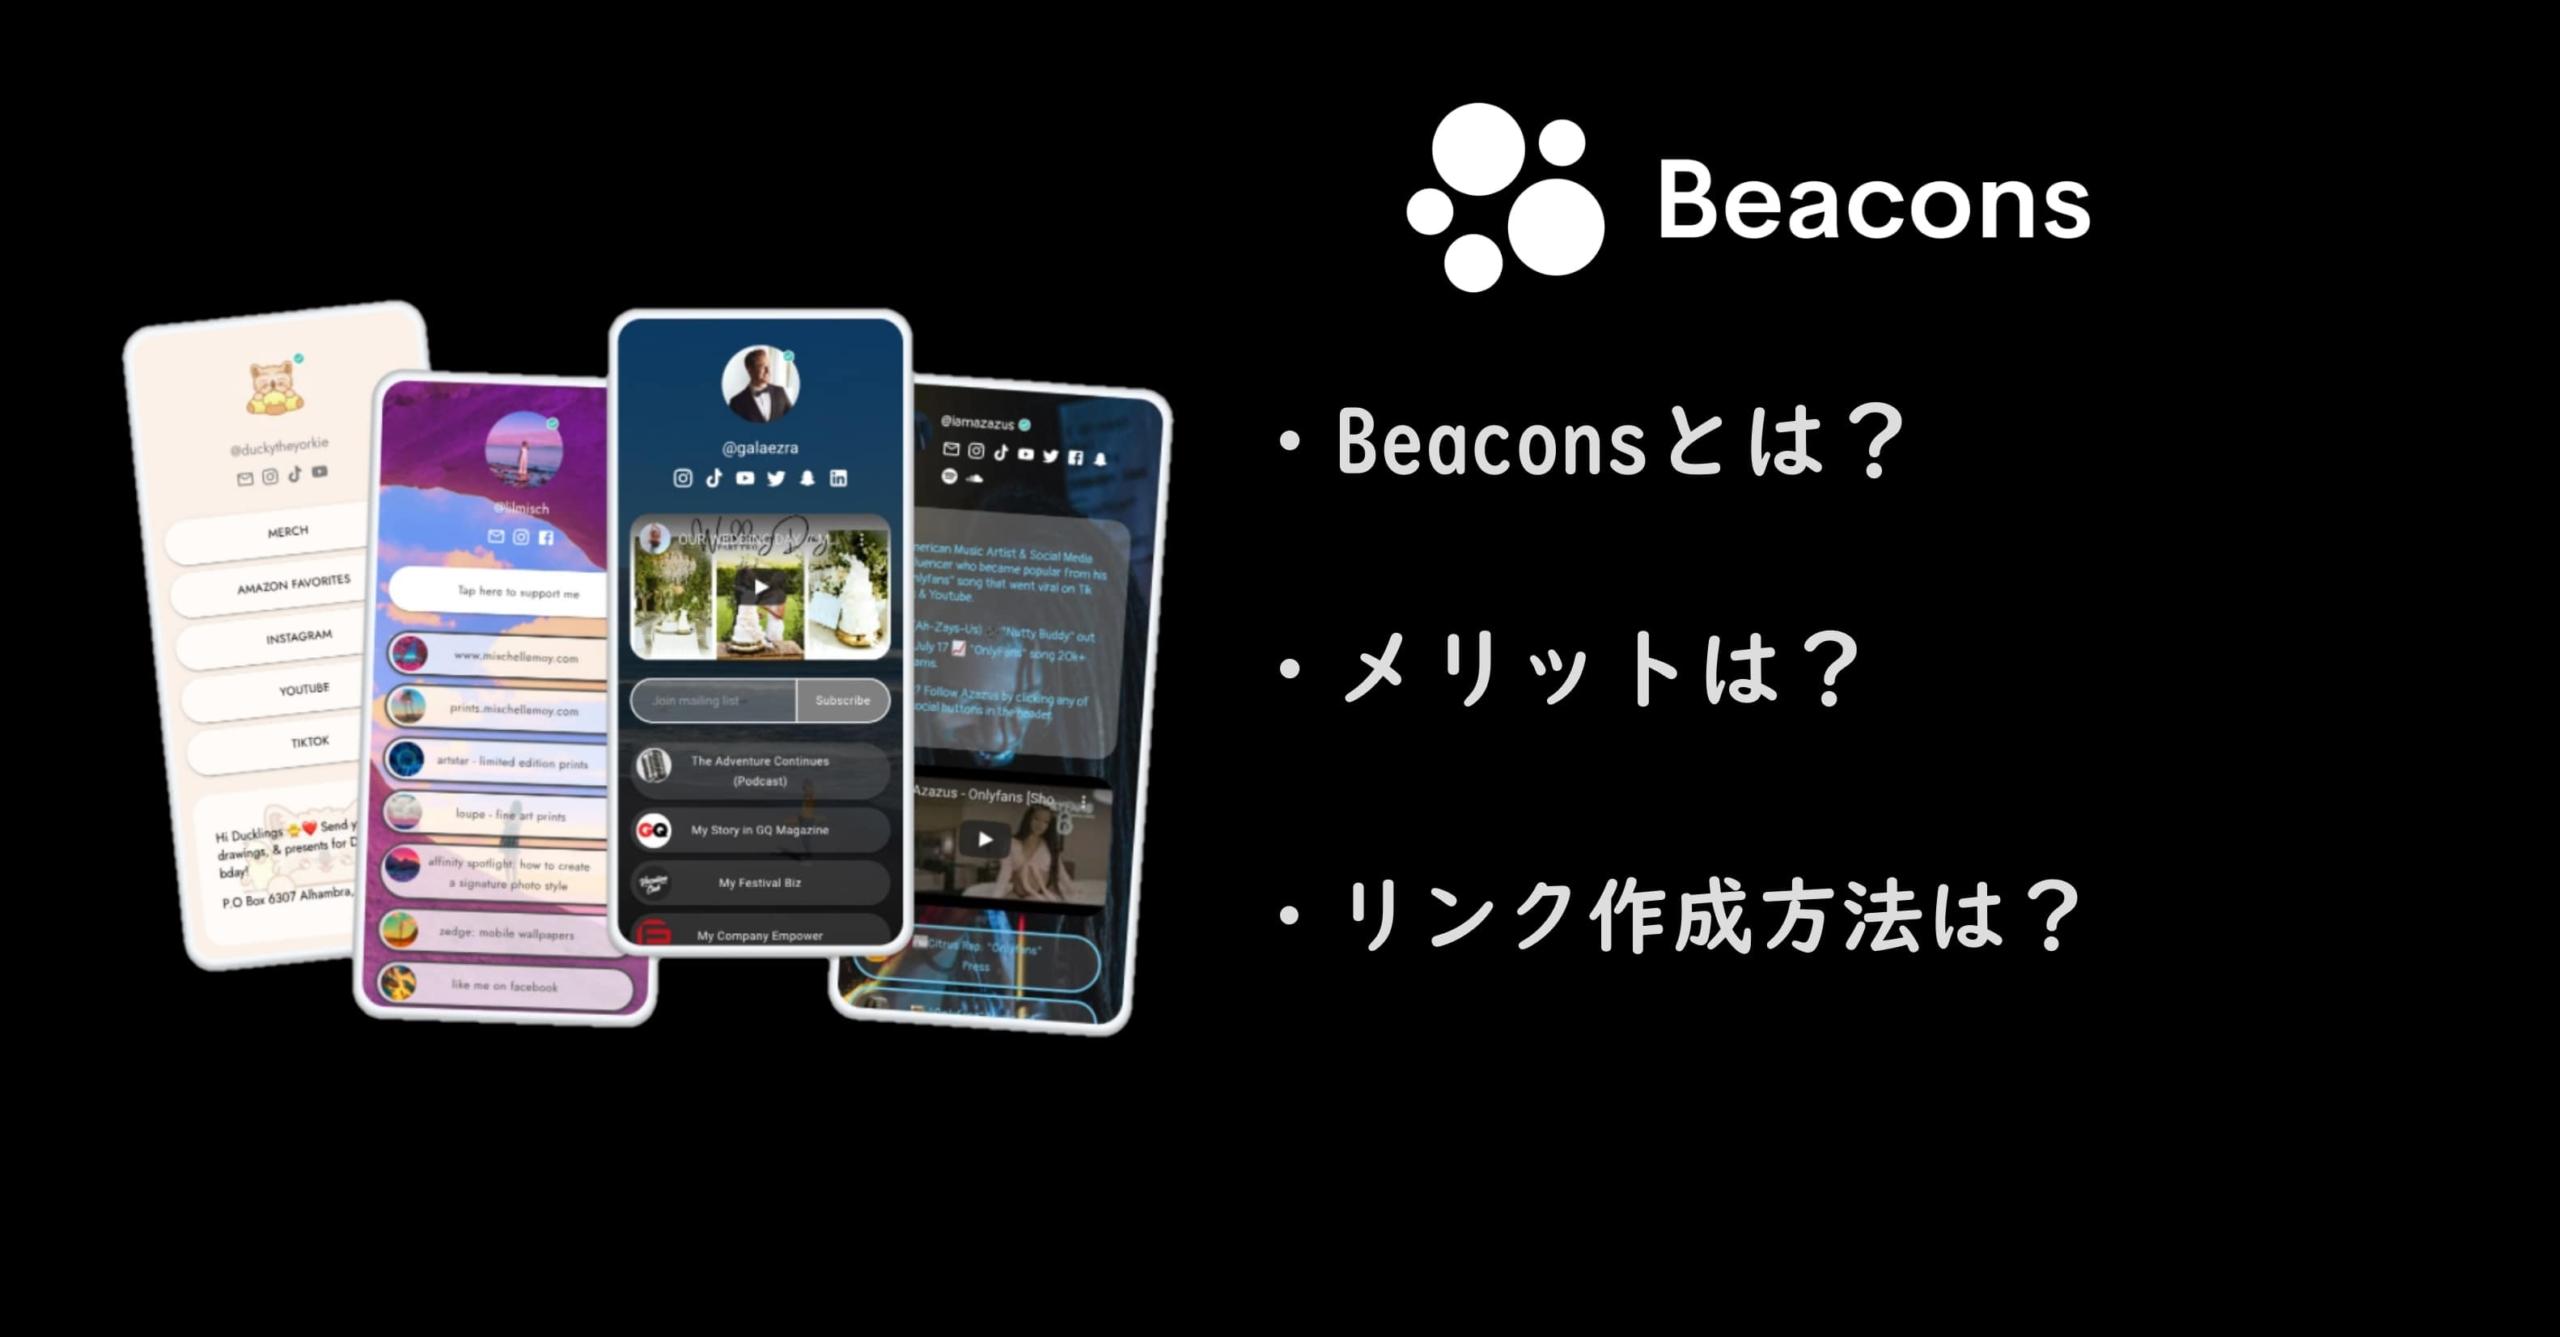 リンクまとめサービス『Beacons』とは?メリットやリンク作成方法も合わせて紹介!のアイキャッチ画像